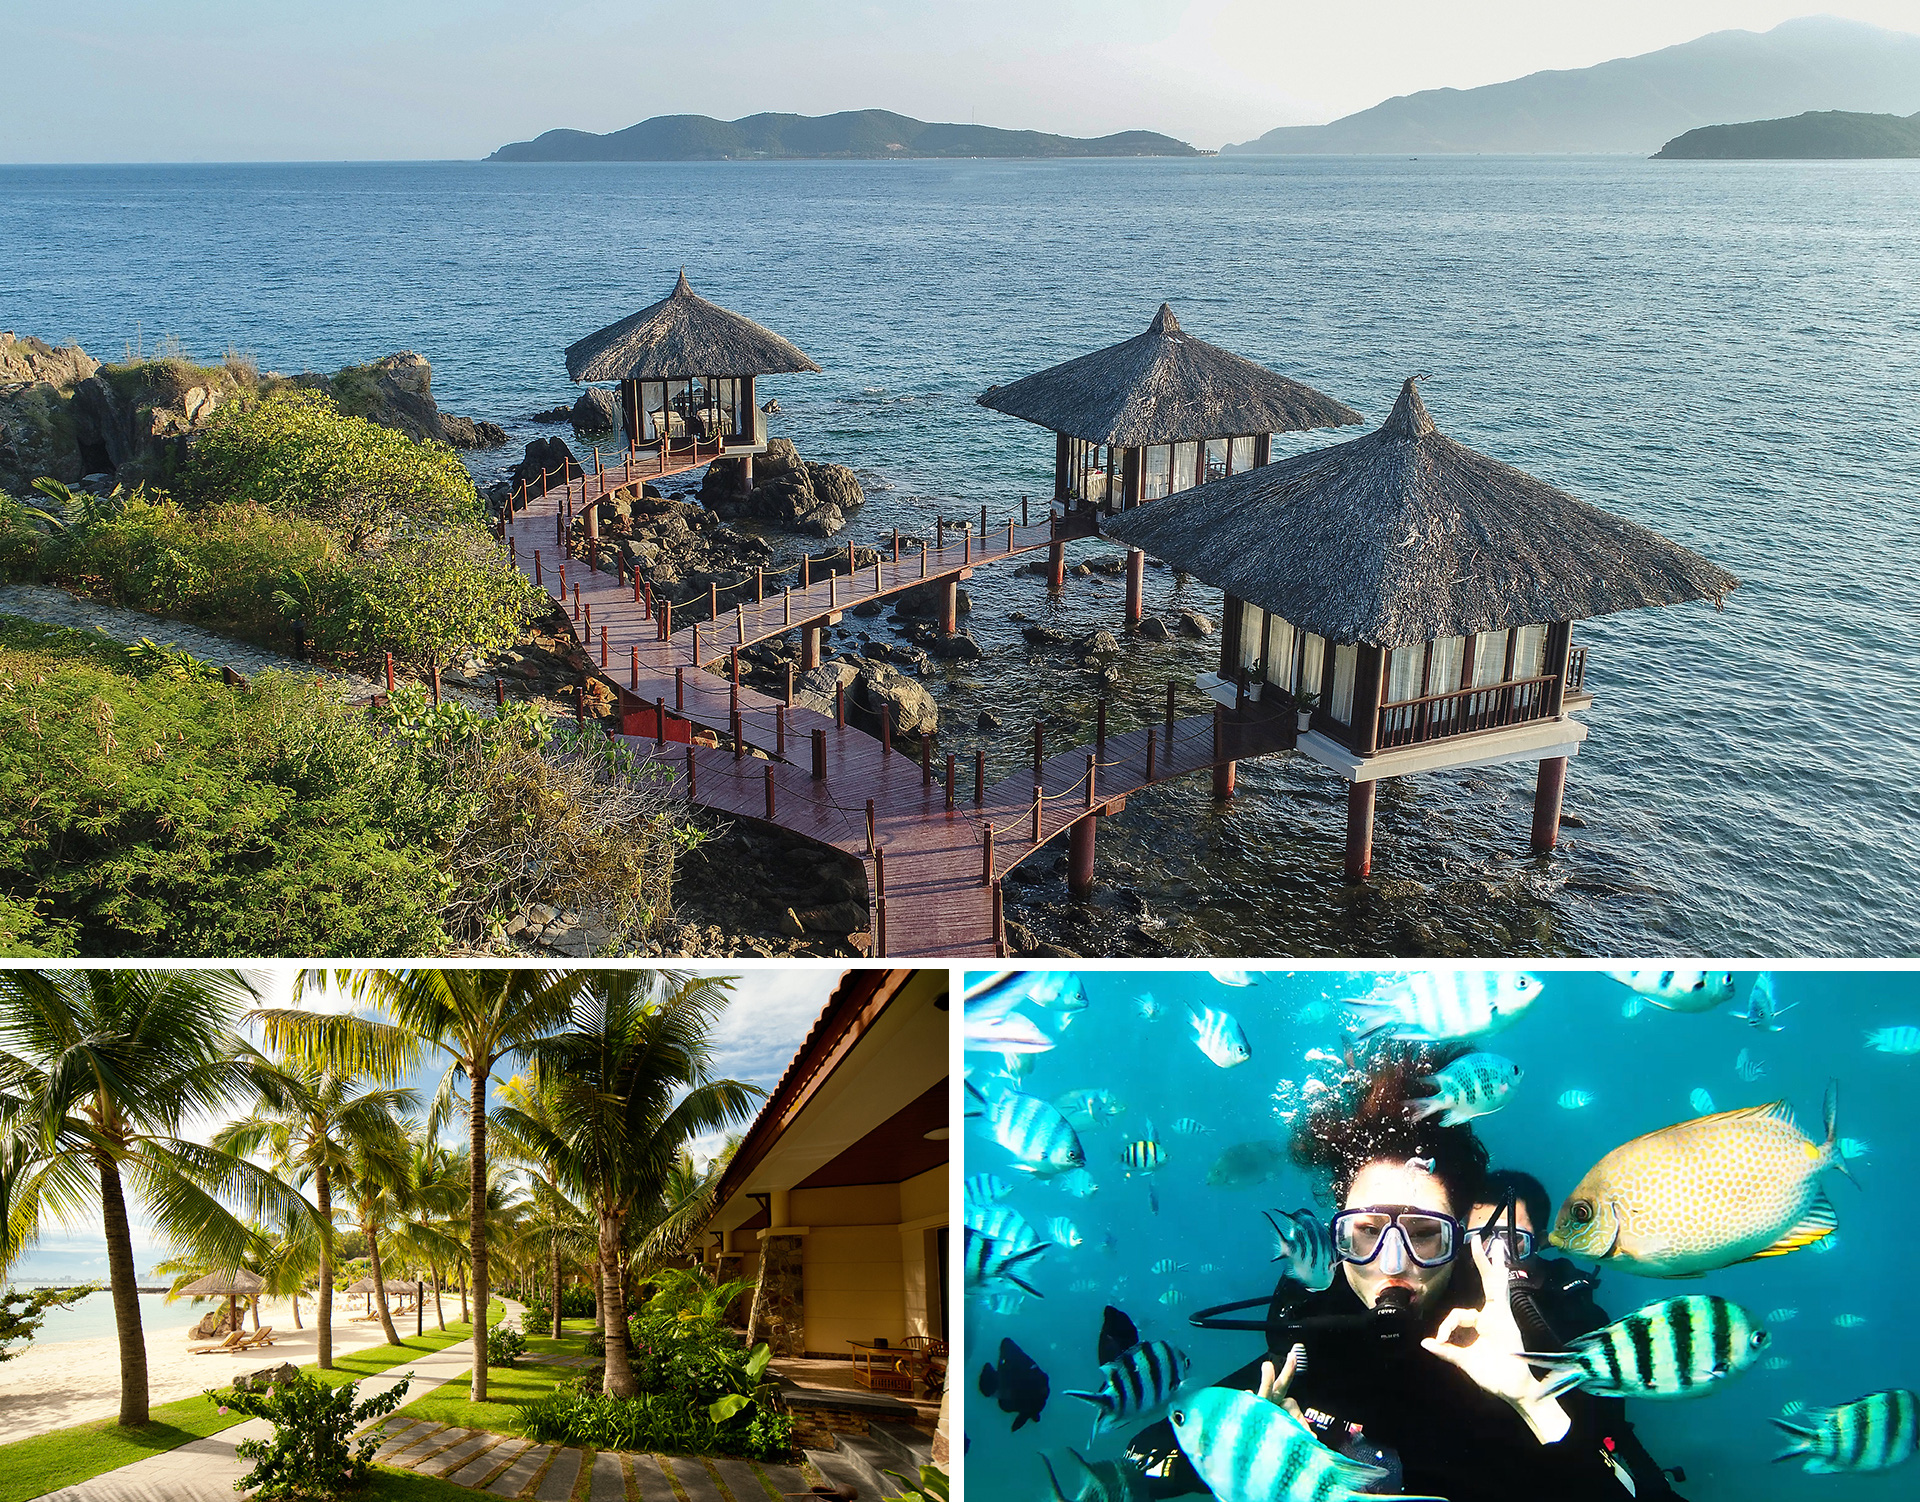 Kỳ nghỉ đáng nhớ tại Nha Trang - Ảnh 7.